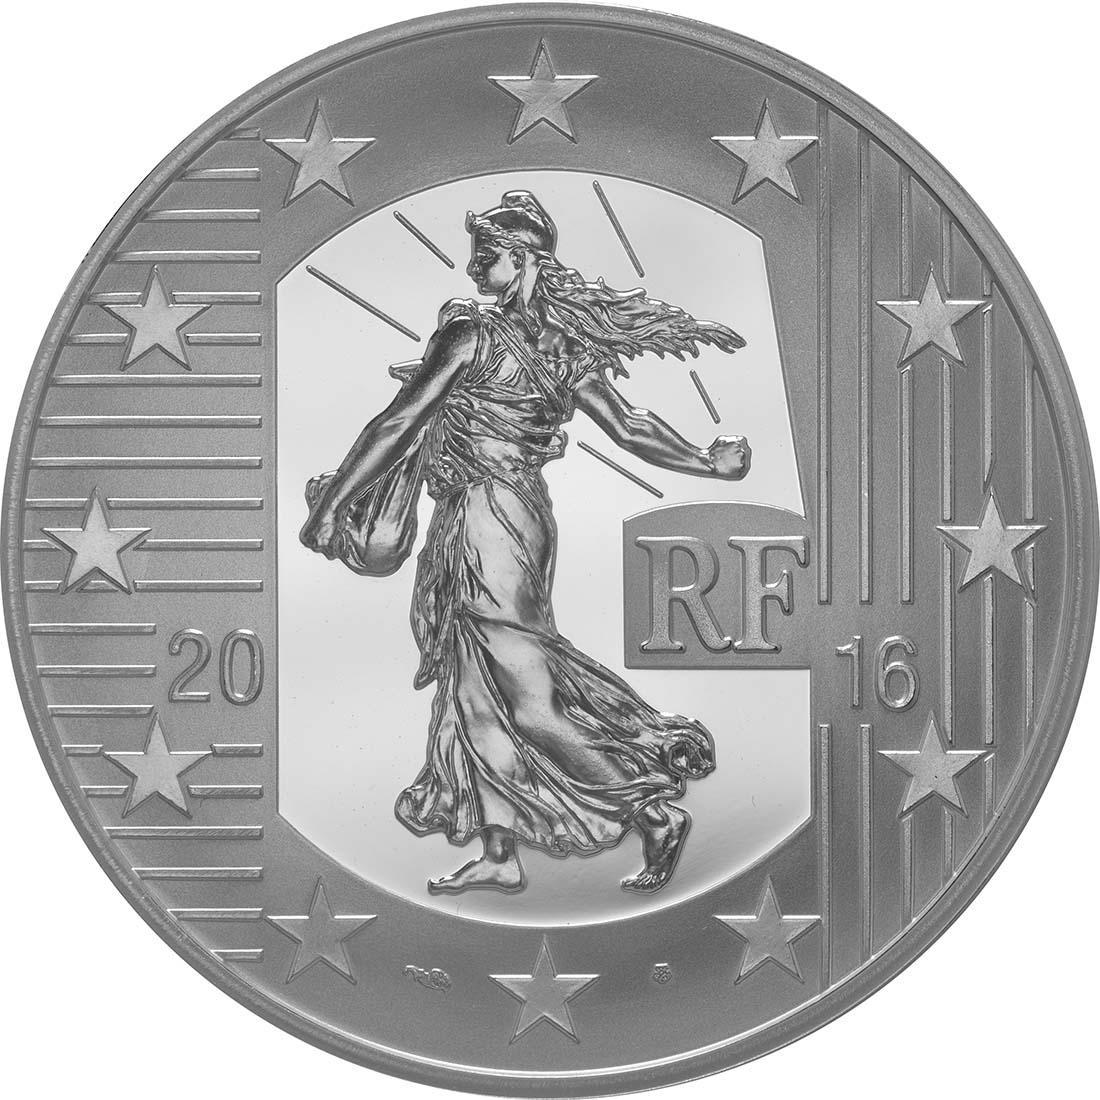 Frankreich 10 Euro Testone Münzen 2016 Pp